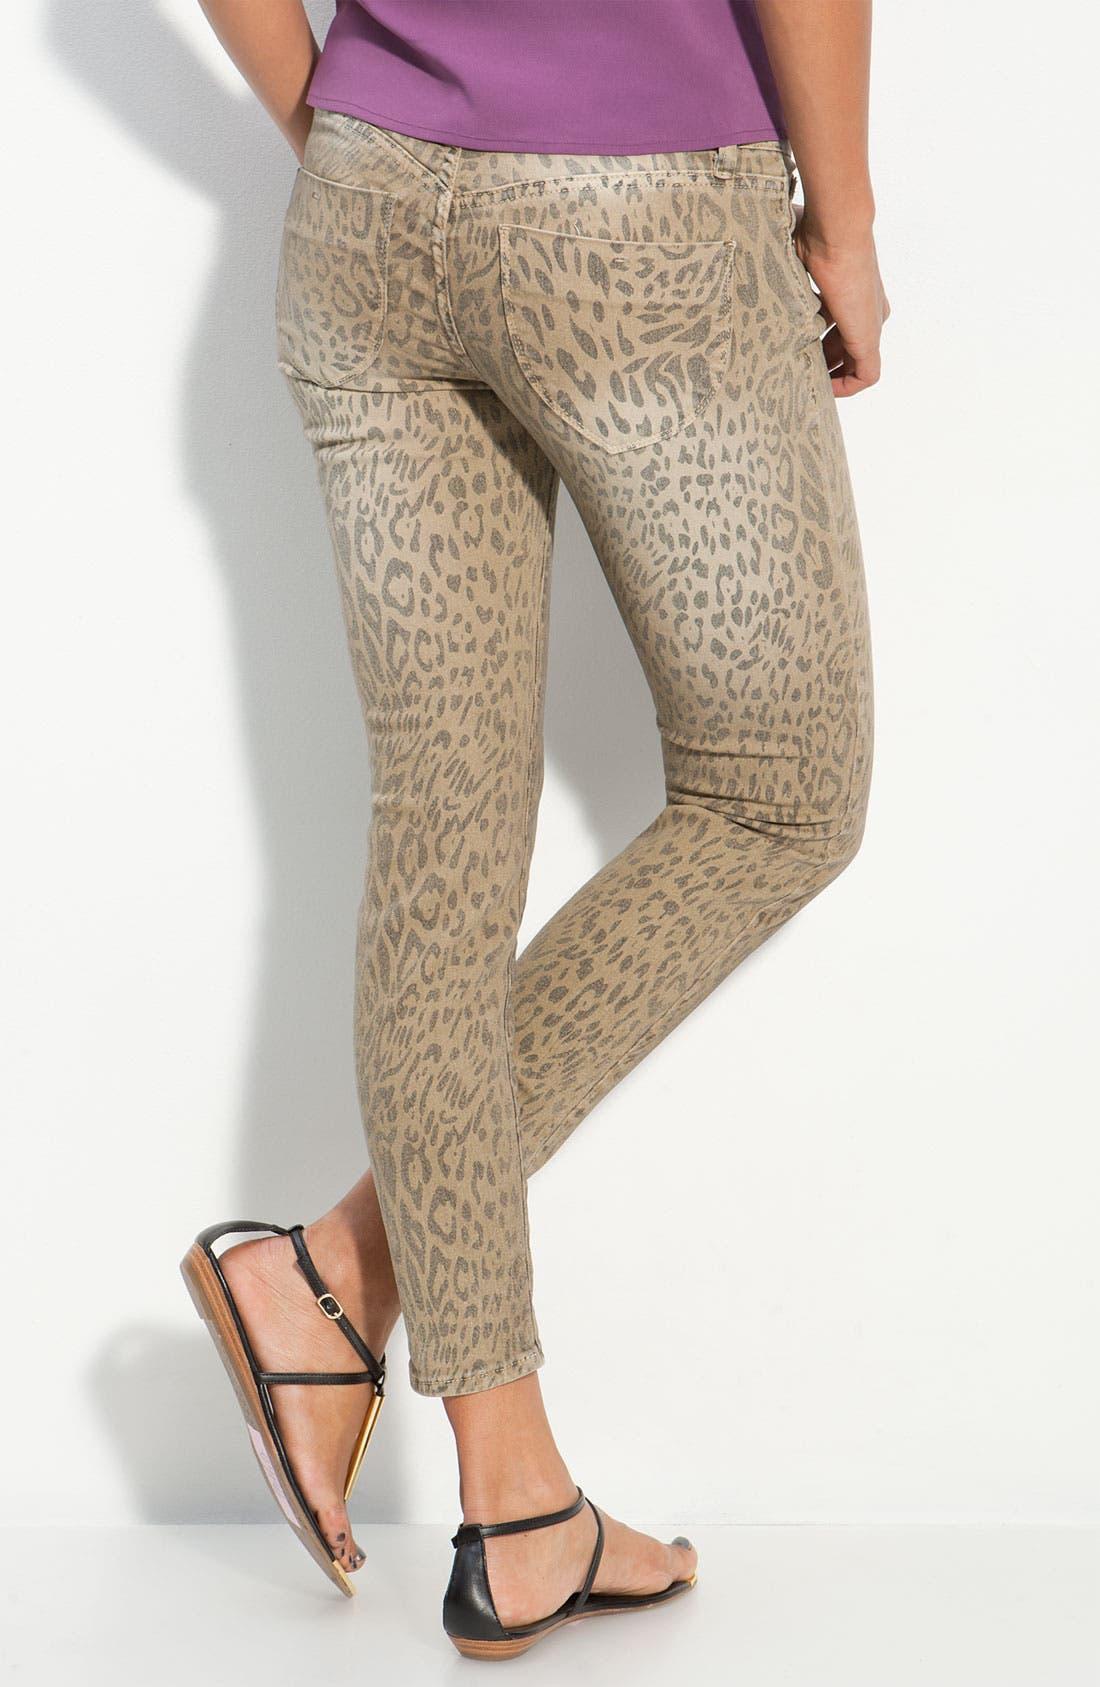 Alternate Image 1 Selected - S.O.N.G. Animal Print Skinny Jeans (Juniors)